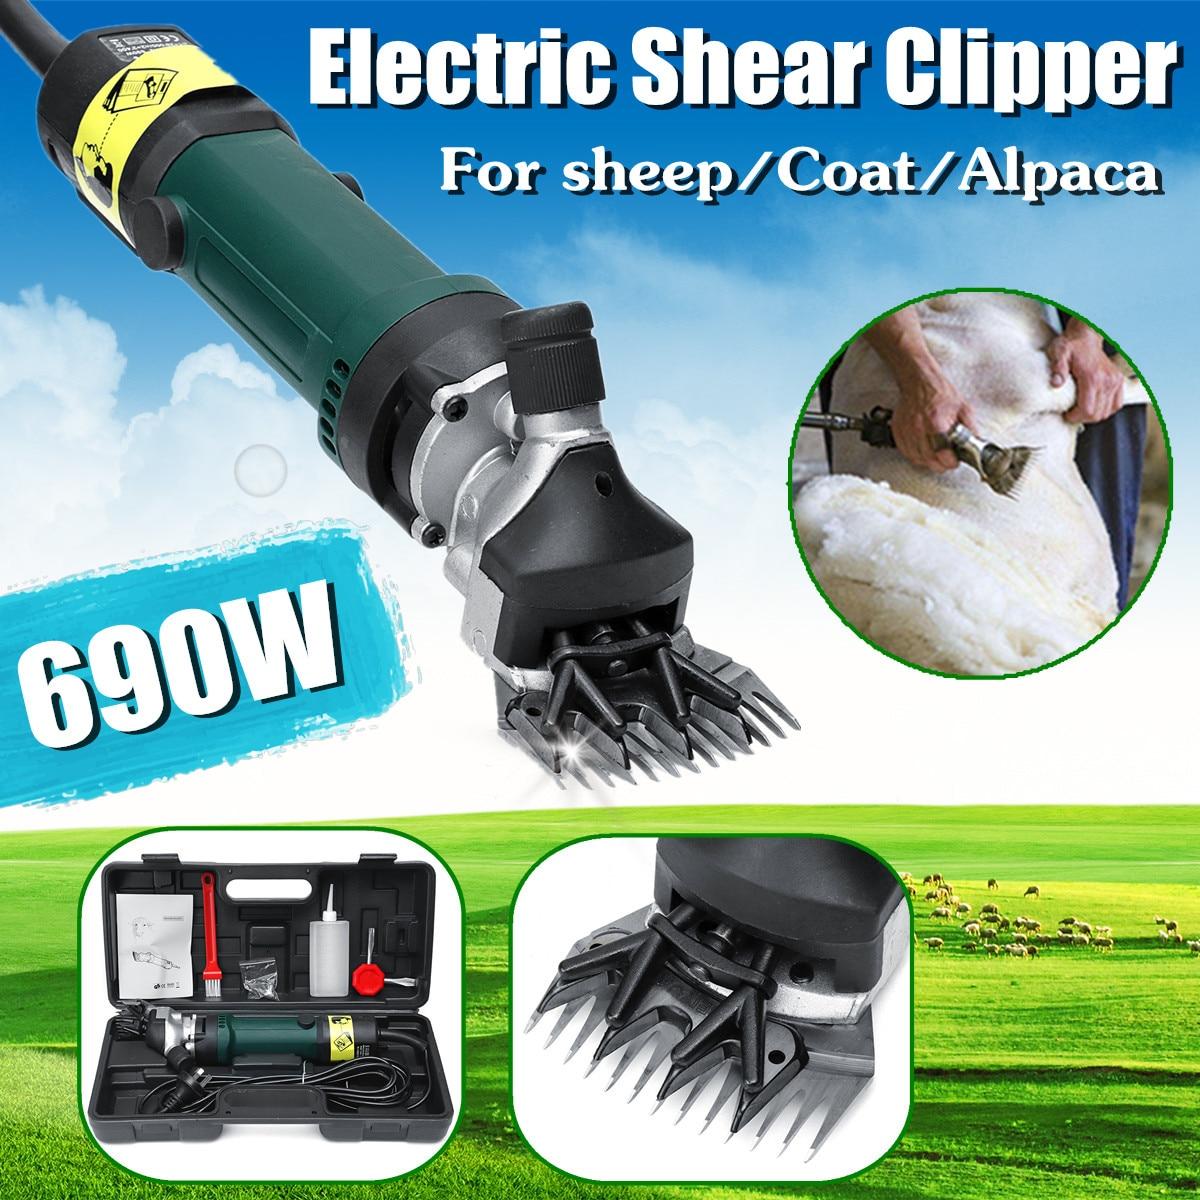 Di Rimozione dei capelli Trimmer 690 w 6 Velocità Regolabile Elettrico Tosatura Delle Pecore Cesoie Clipper di Capra Luce Peso Solido Durevole Ad Alta Velocità